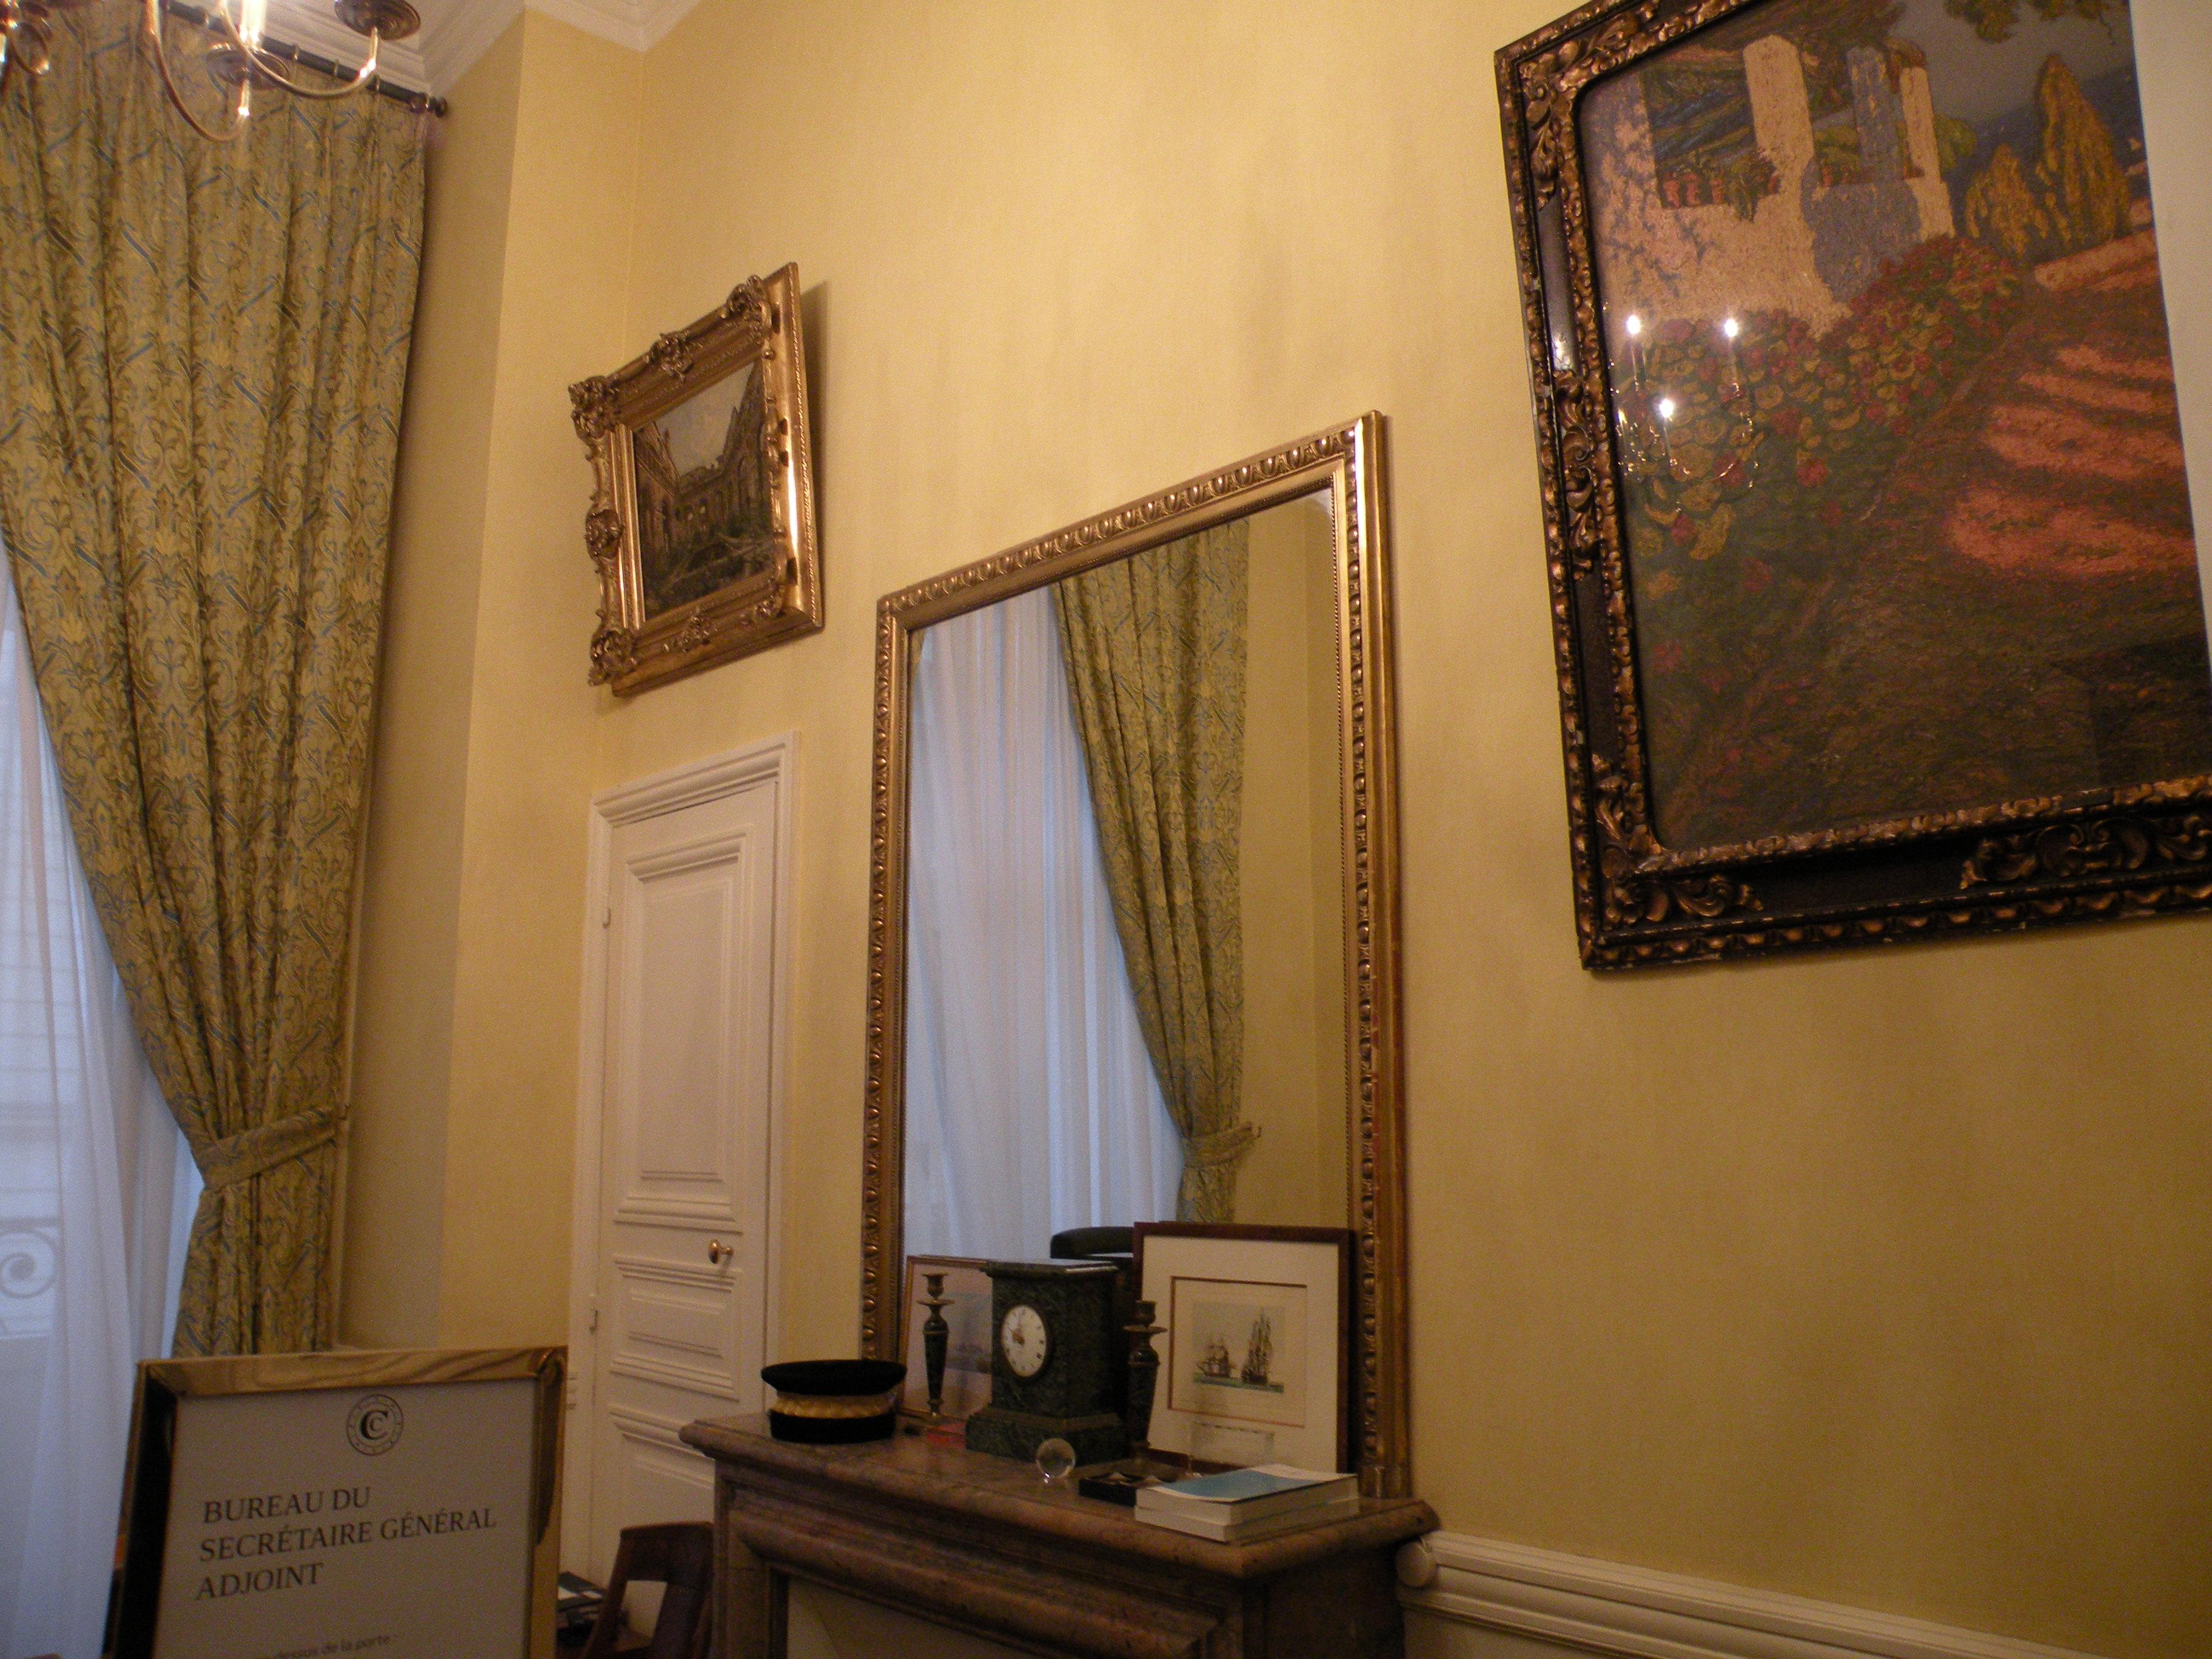 file cour des comptes paris bureau du secretaire general adjoint 2 jpg wikimedia commons. Black Bedroom Furniture Sets. Home Design Ideas